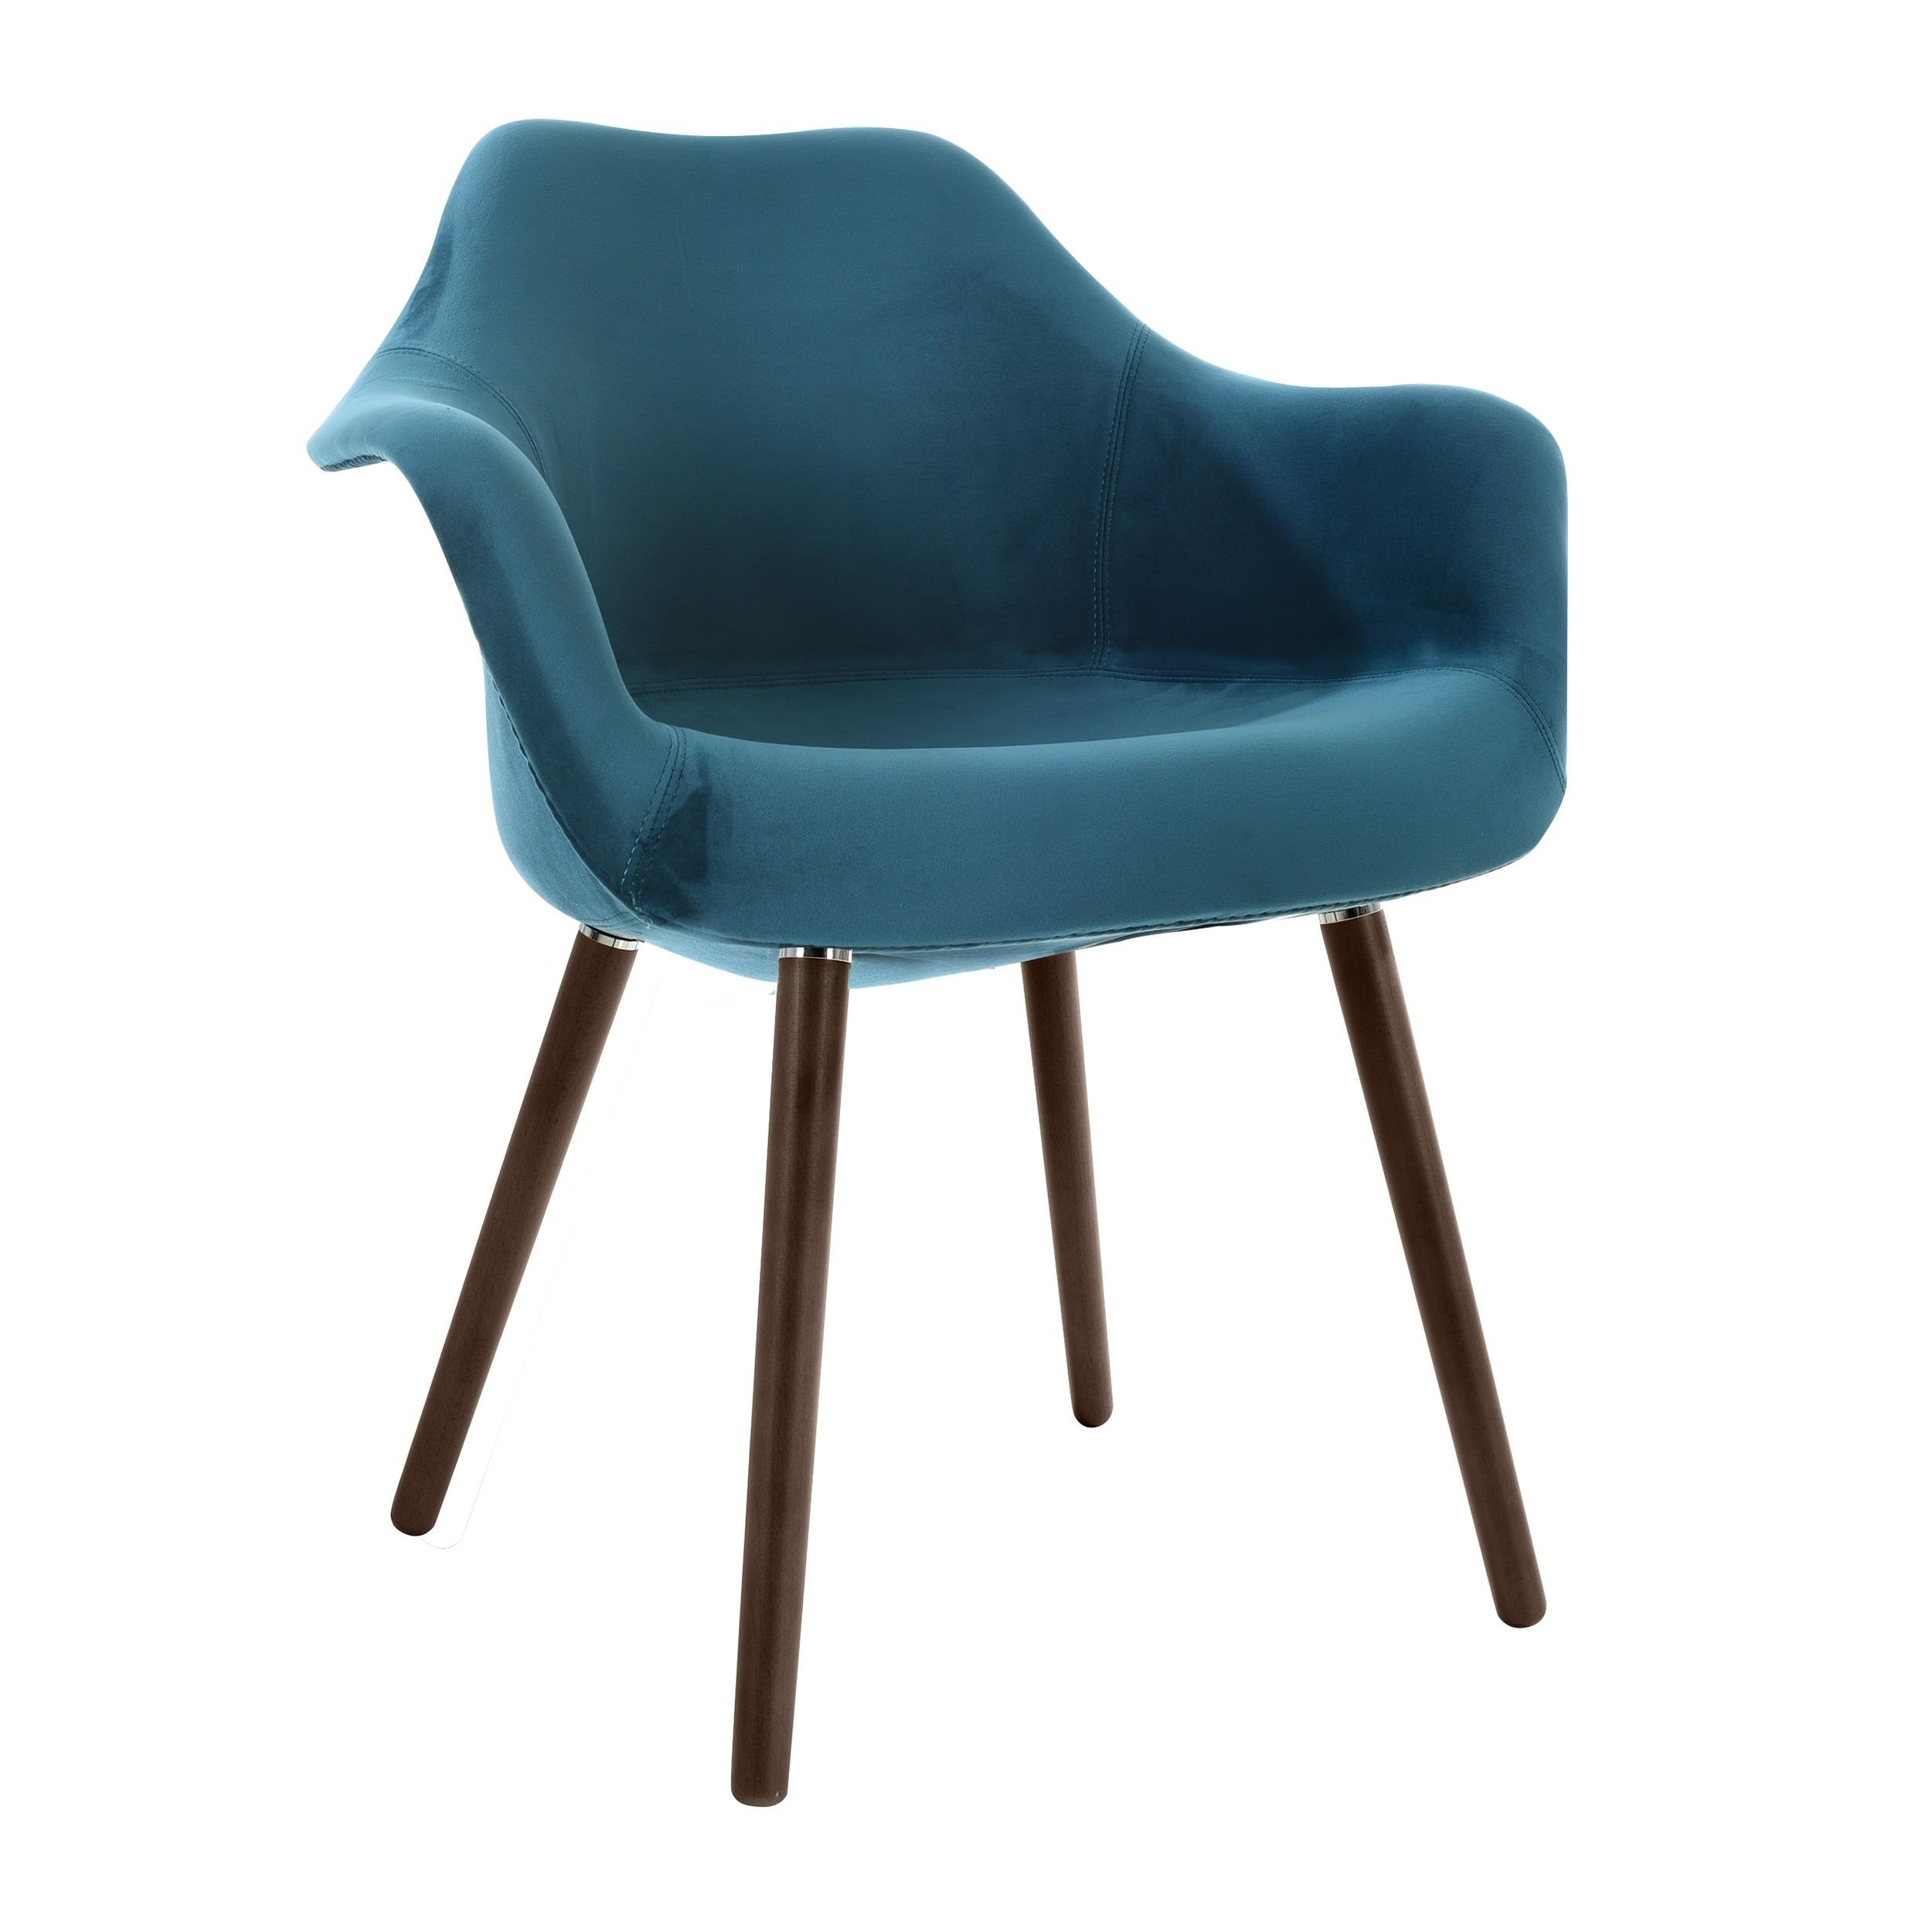 chaise anssen en velours bleu canard commandez les chaises anssen en velours bleu rdv d co. Black Bedroom Furniture Sets. Home Design Ideas